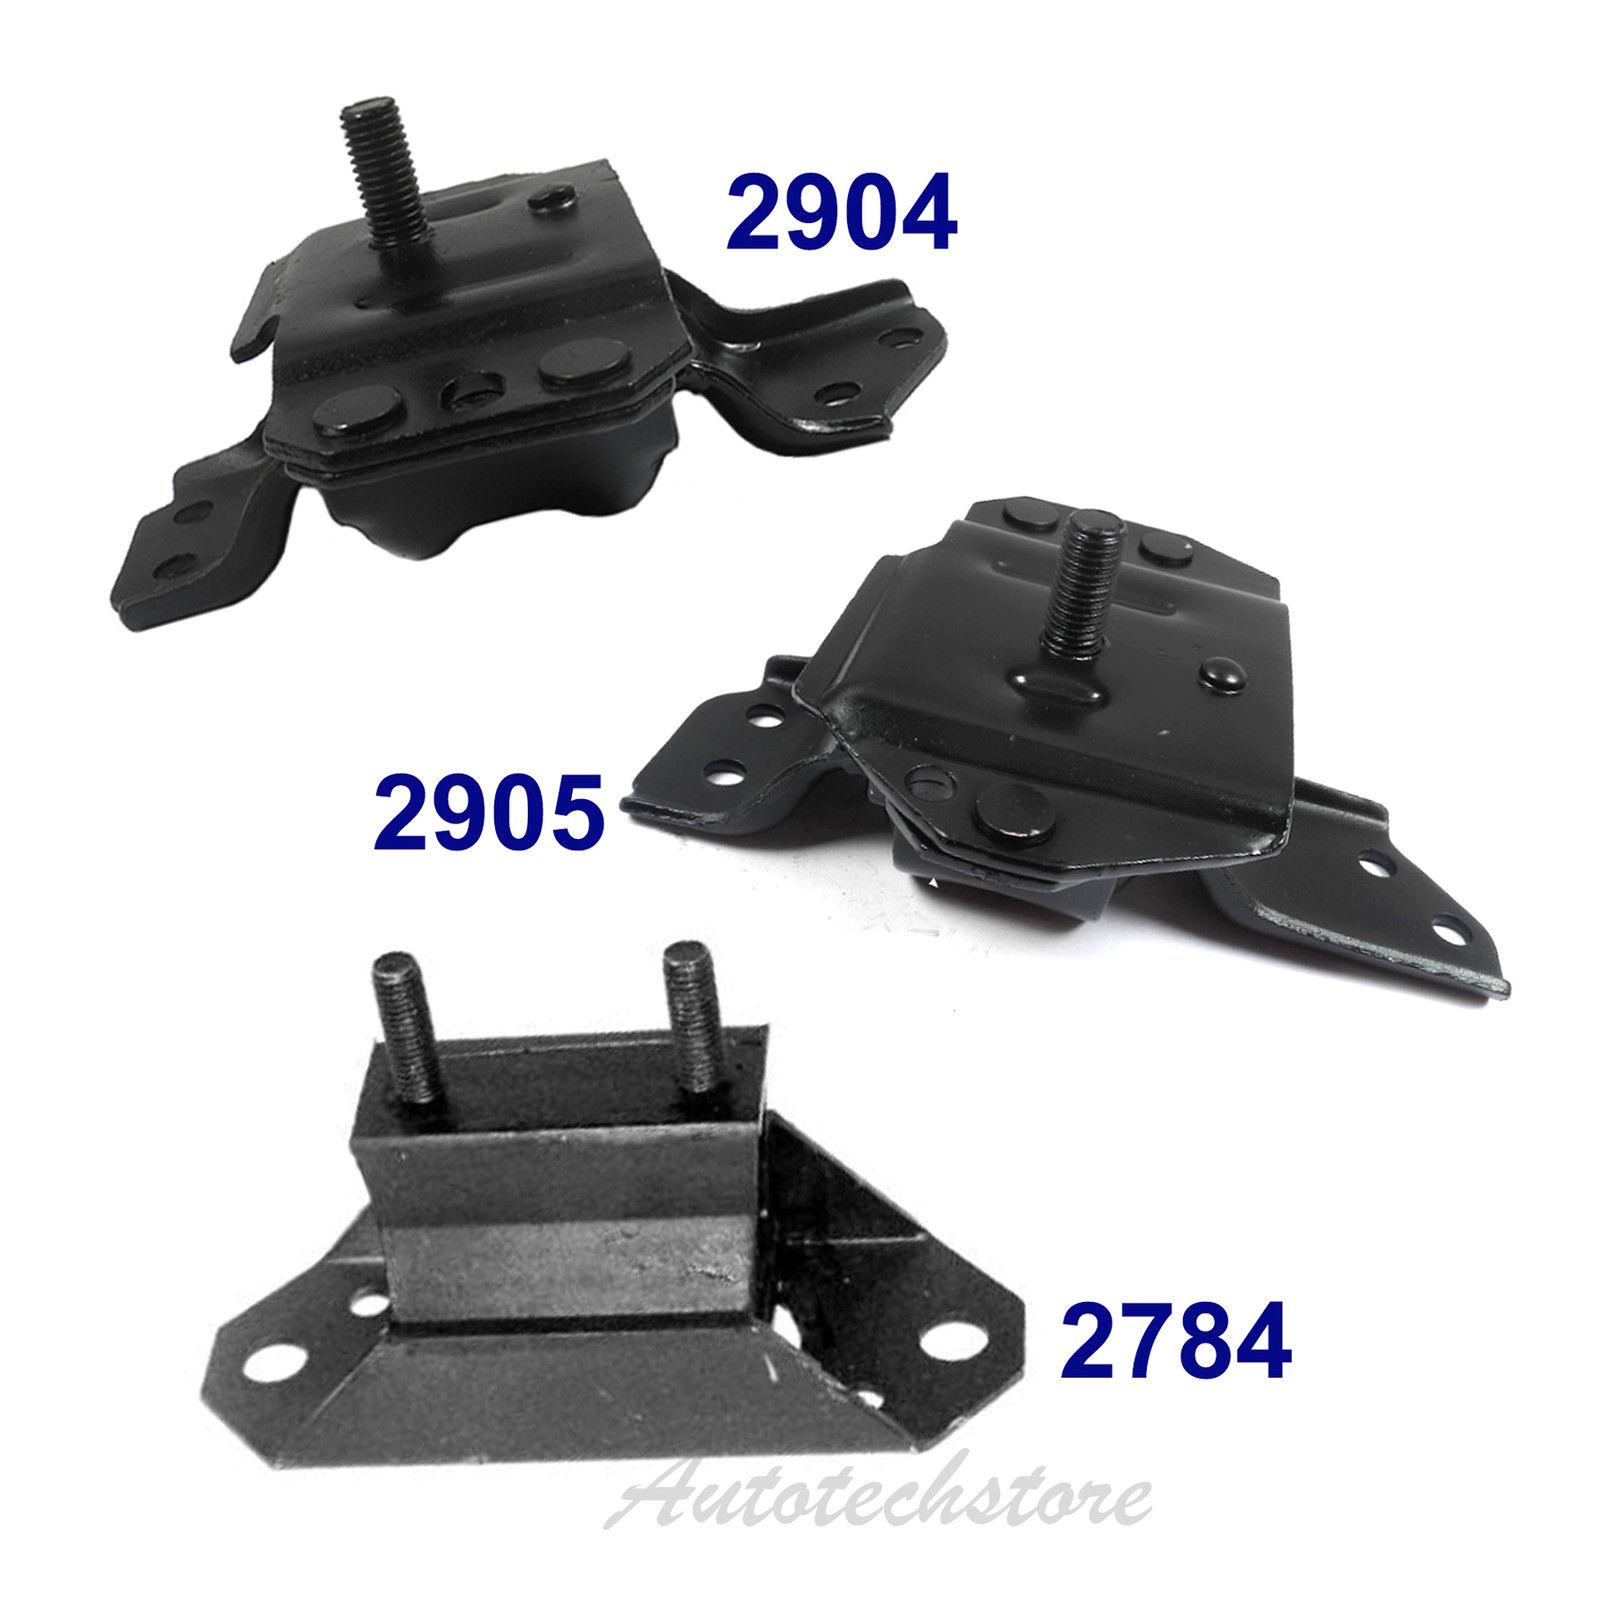 2784 Transmission Mount For Ford Mustang 3.8L-4.6L 96-98 MT 5.0L 94-95 AT